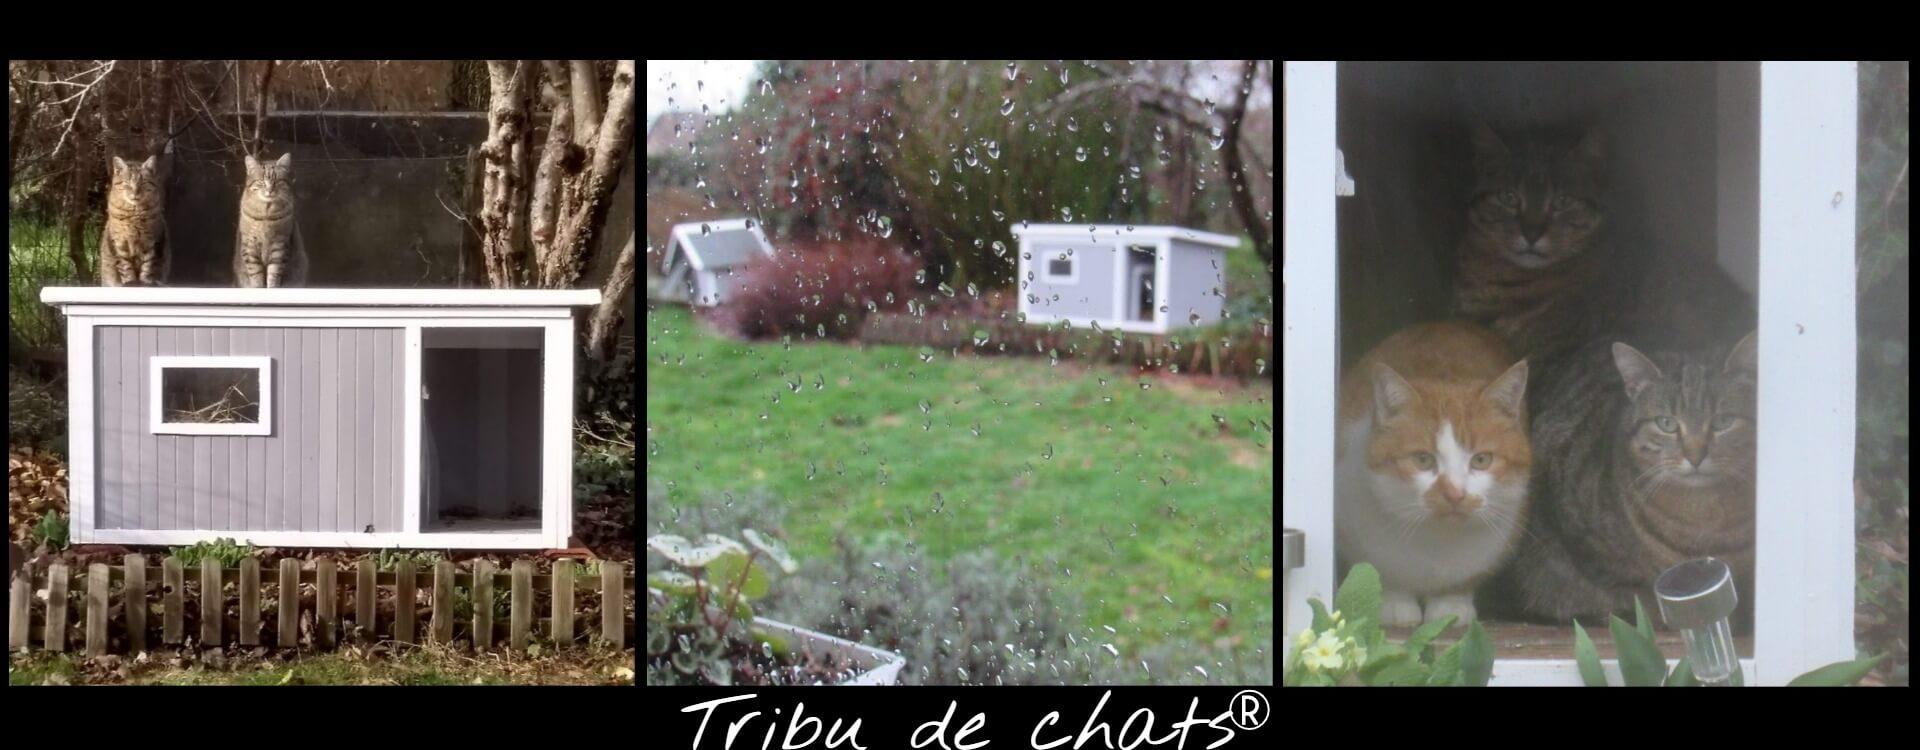 Les_chats_se_mettent_à_labri_dans_les_niches_par_mauvais_temps